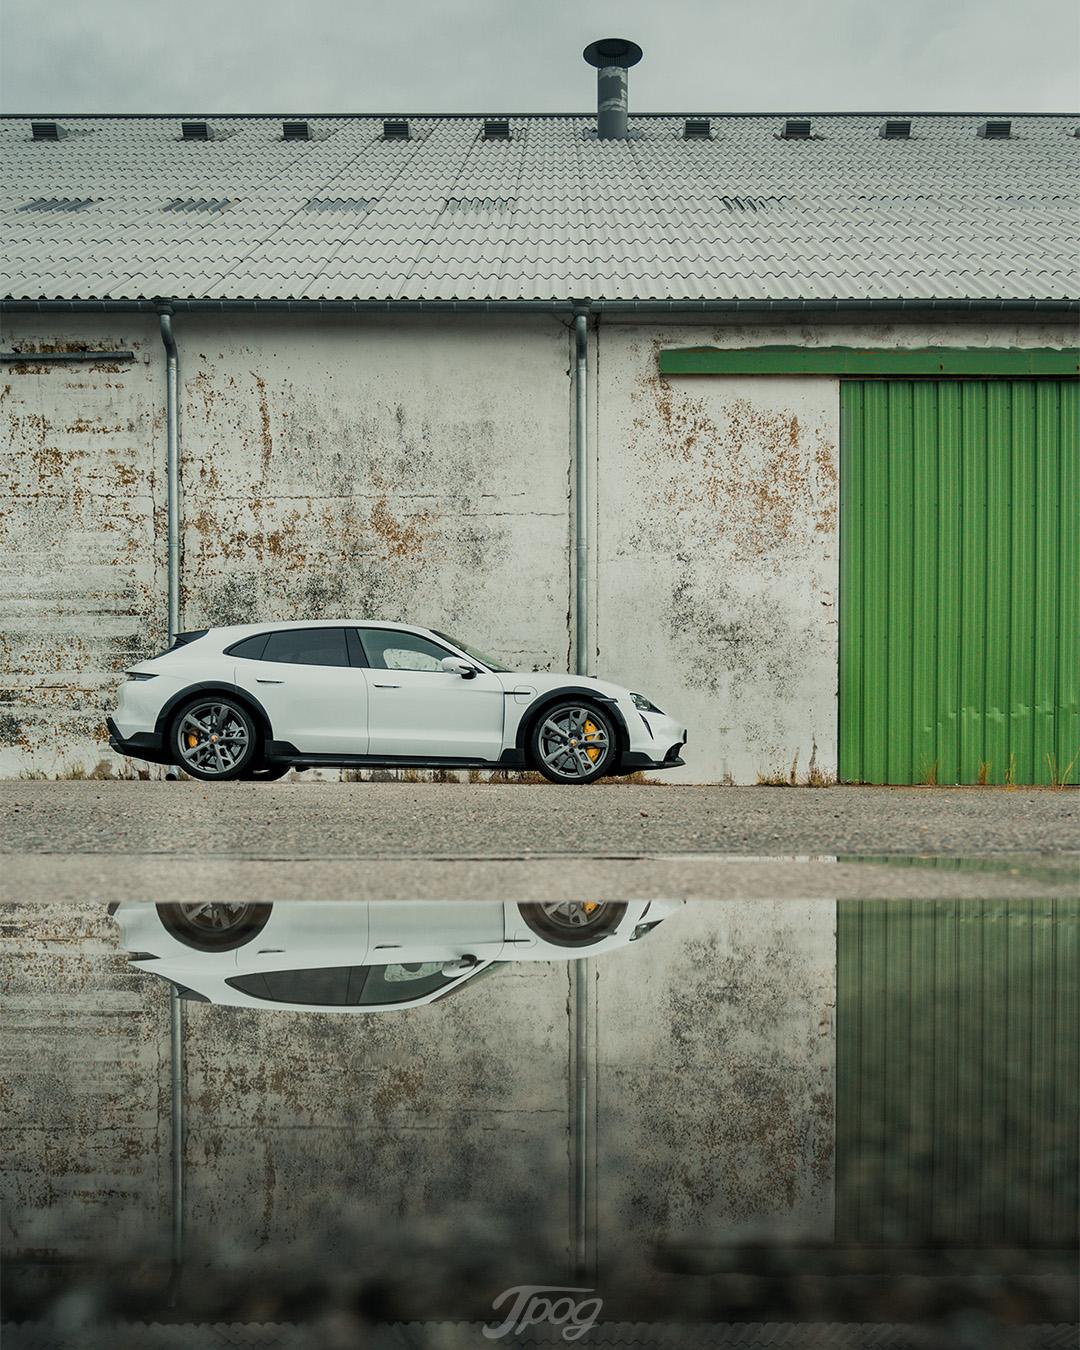 Porsche Taycan Crossturismo